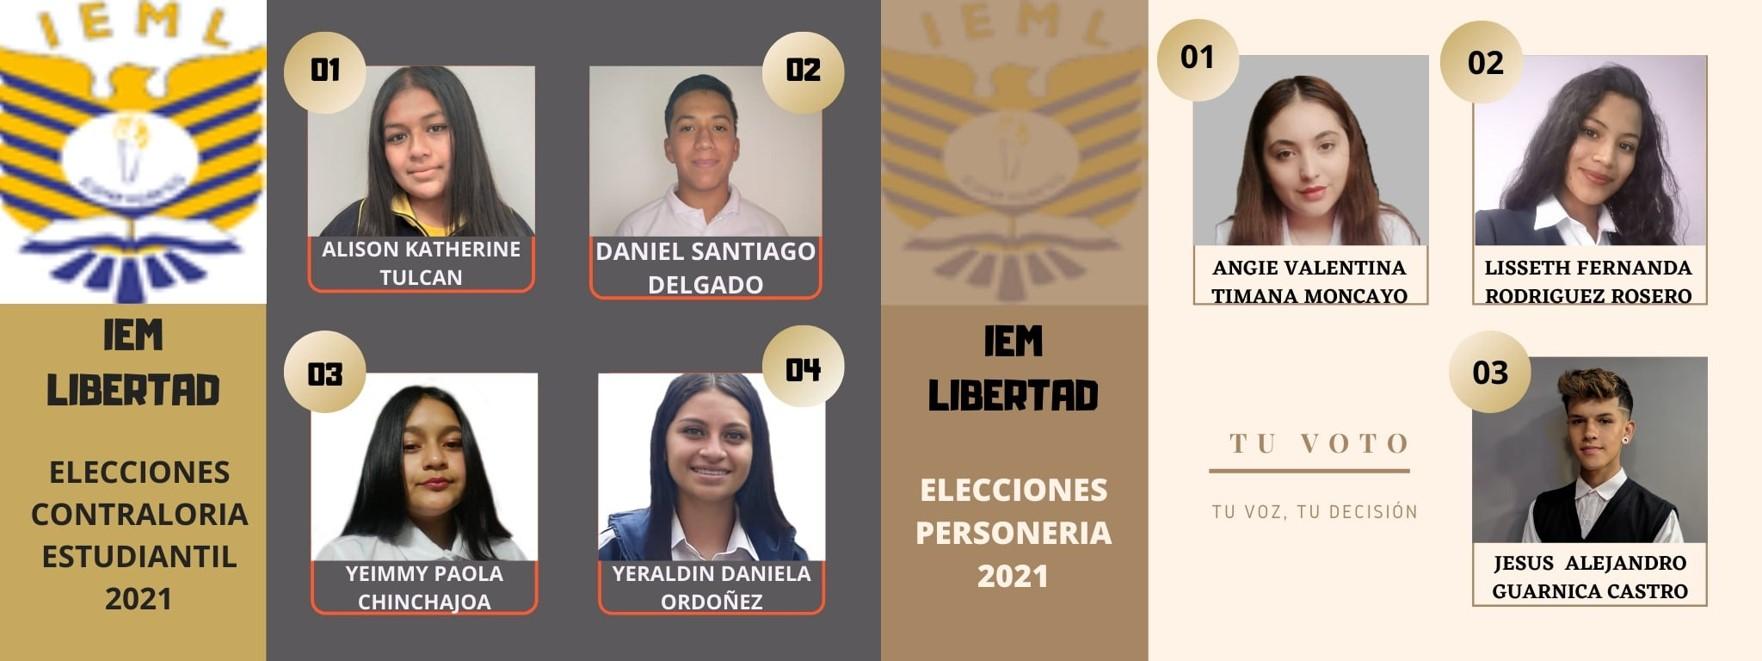 Candidatos Jornada de la Mañana Personería y Contraloría 2021